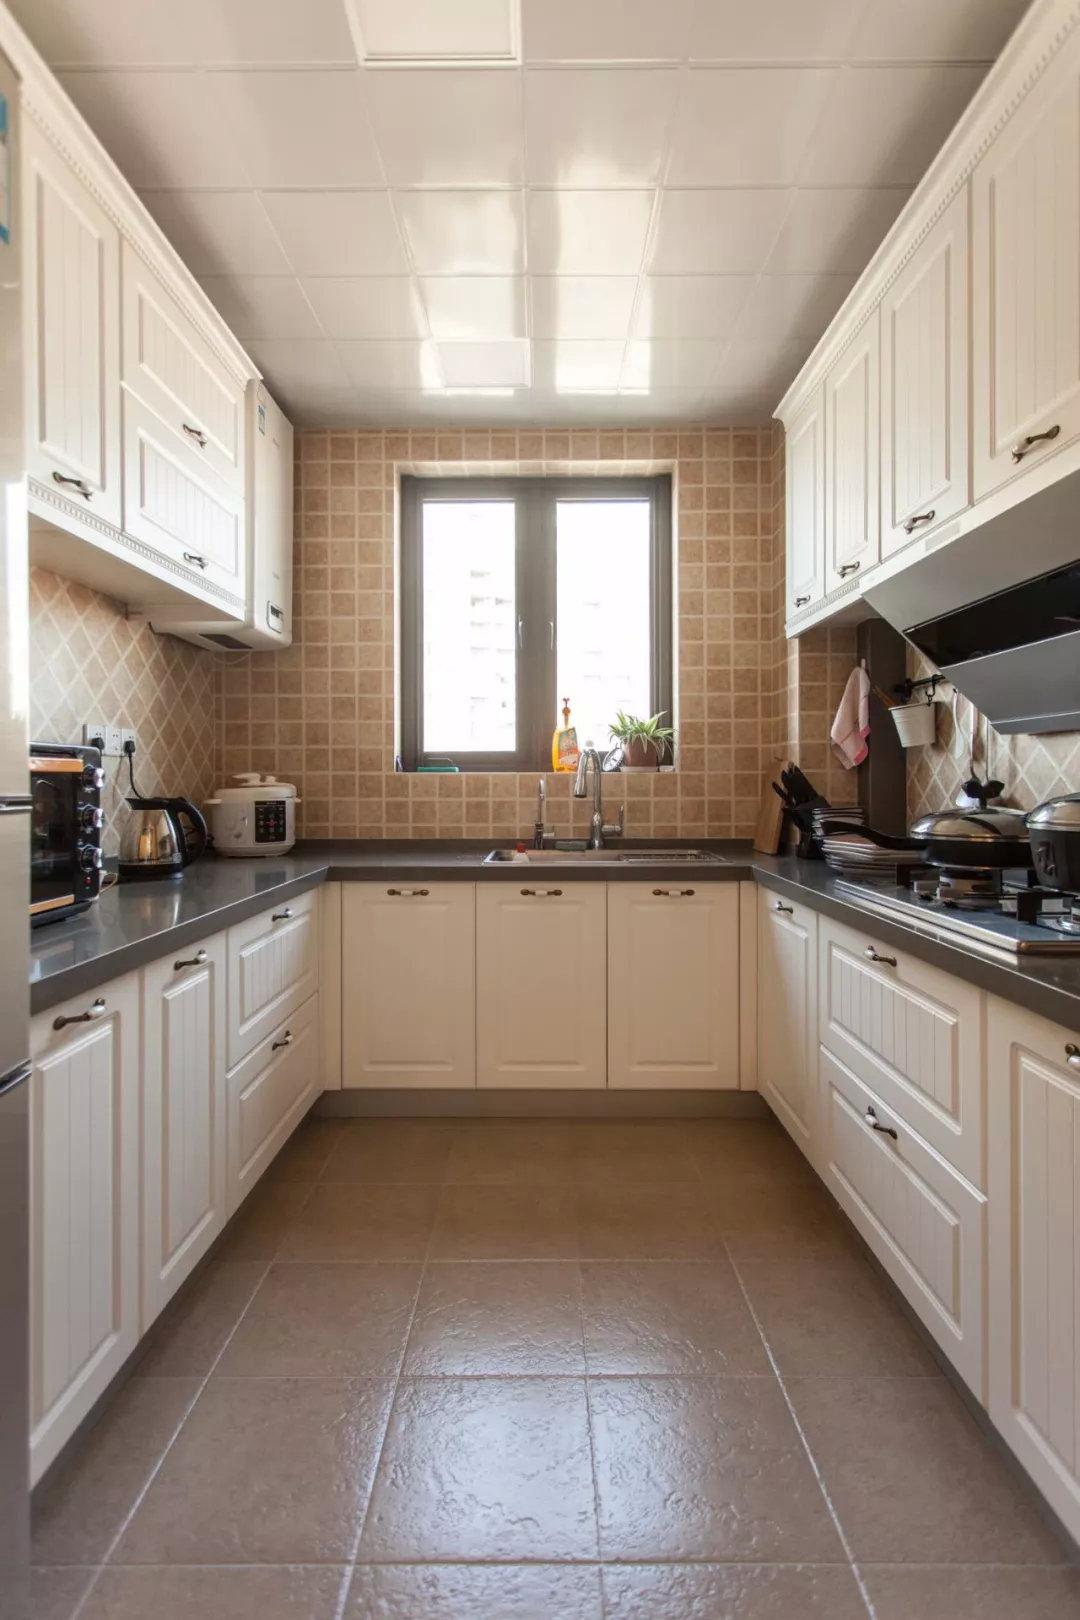 以金属 陶瓷组合的欧式拉手一般用于欧式或者美式风格的厨房中,搭配不